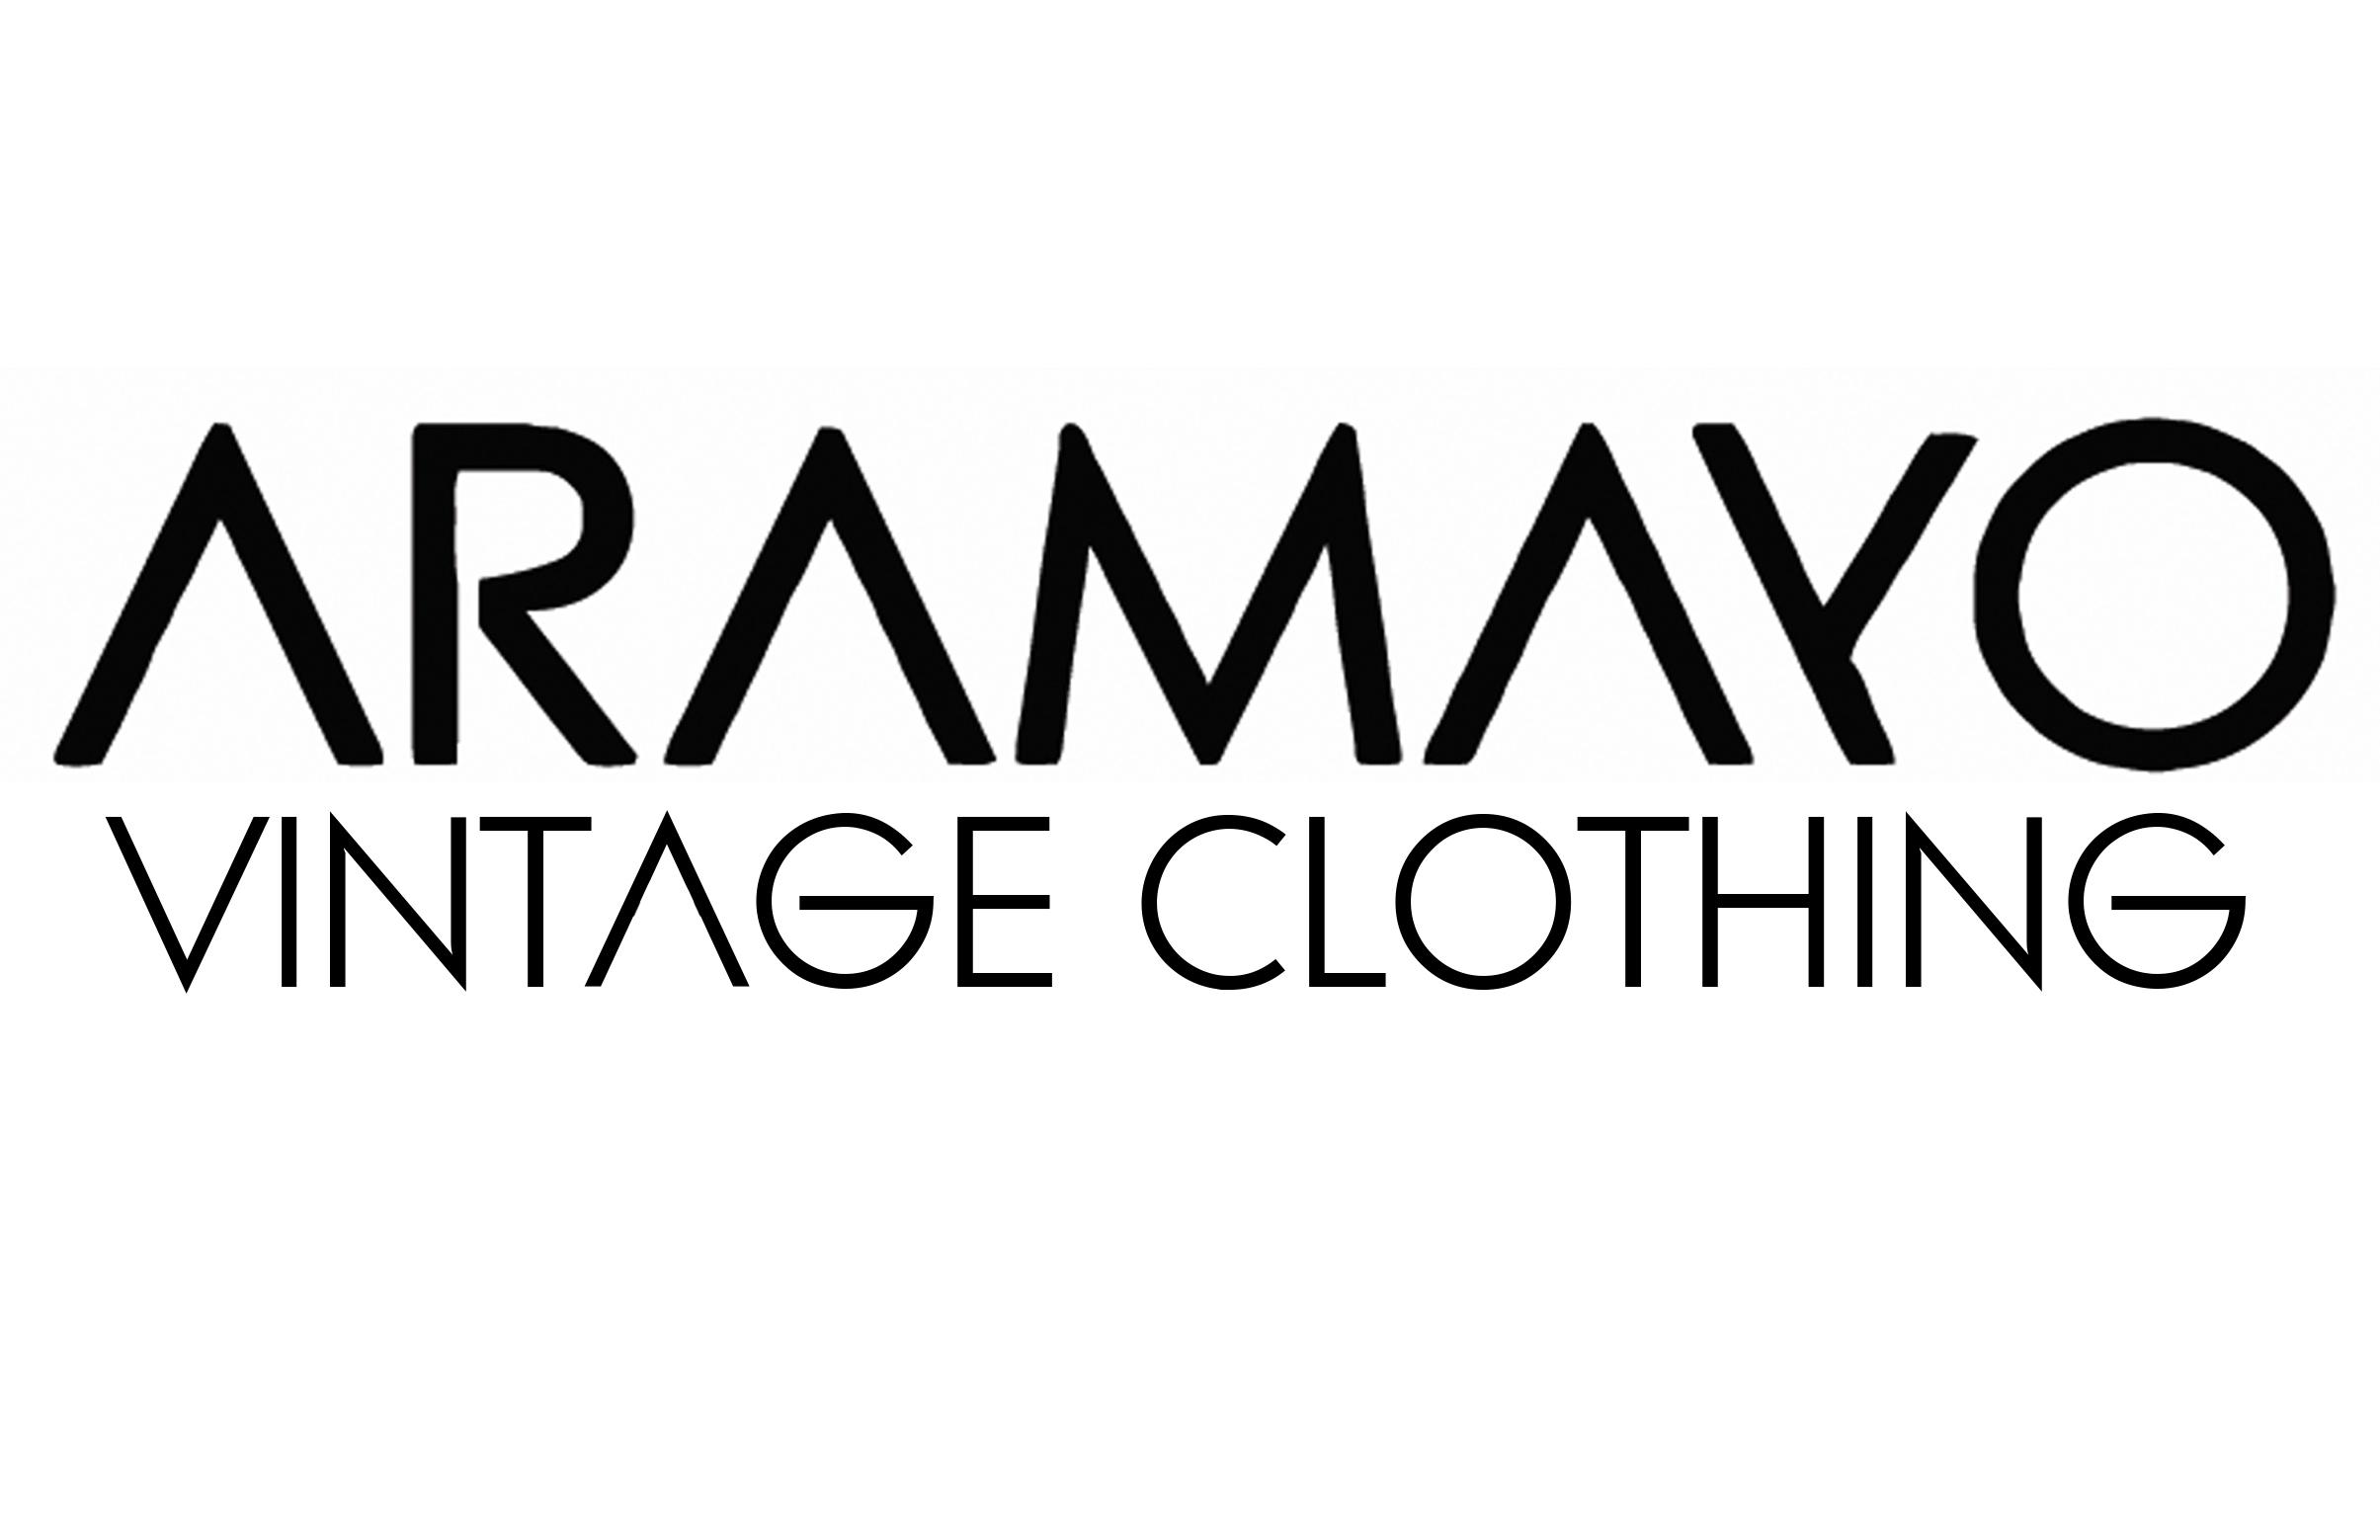 c269f46f2 ARAMAYO es una tienda de ropa VINTAGE que se encuentra en el centro de  MADRID que nace para democratizar productos de calidad con precios éticos.